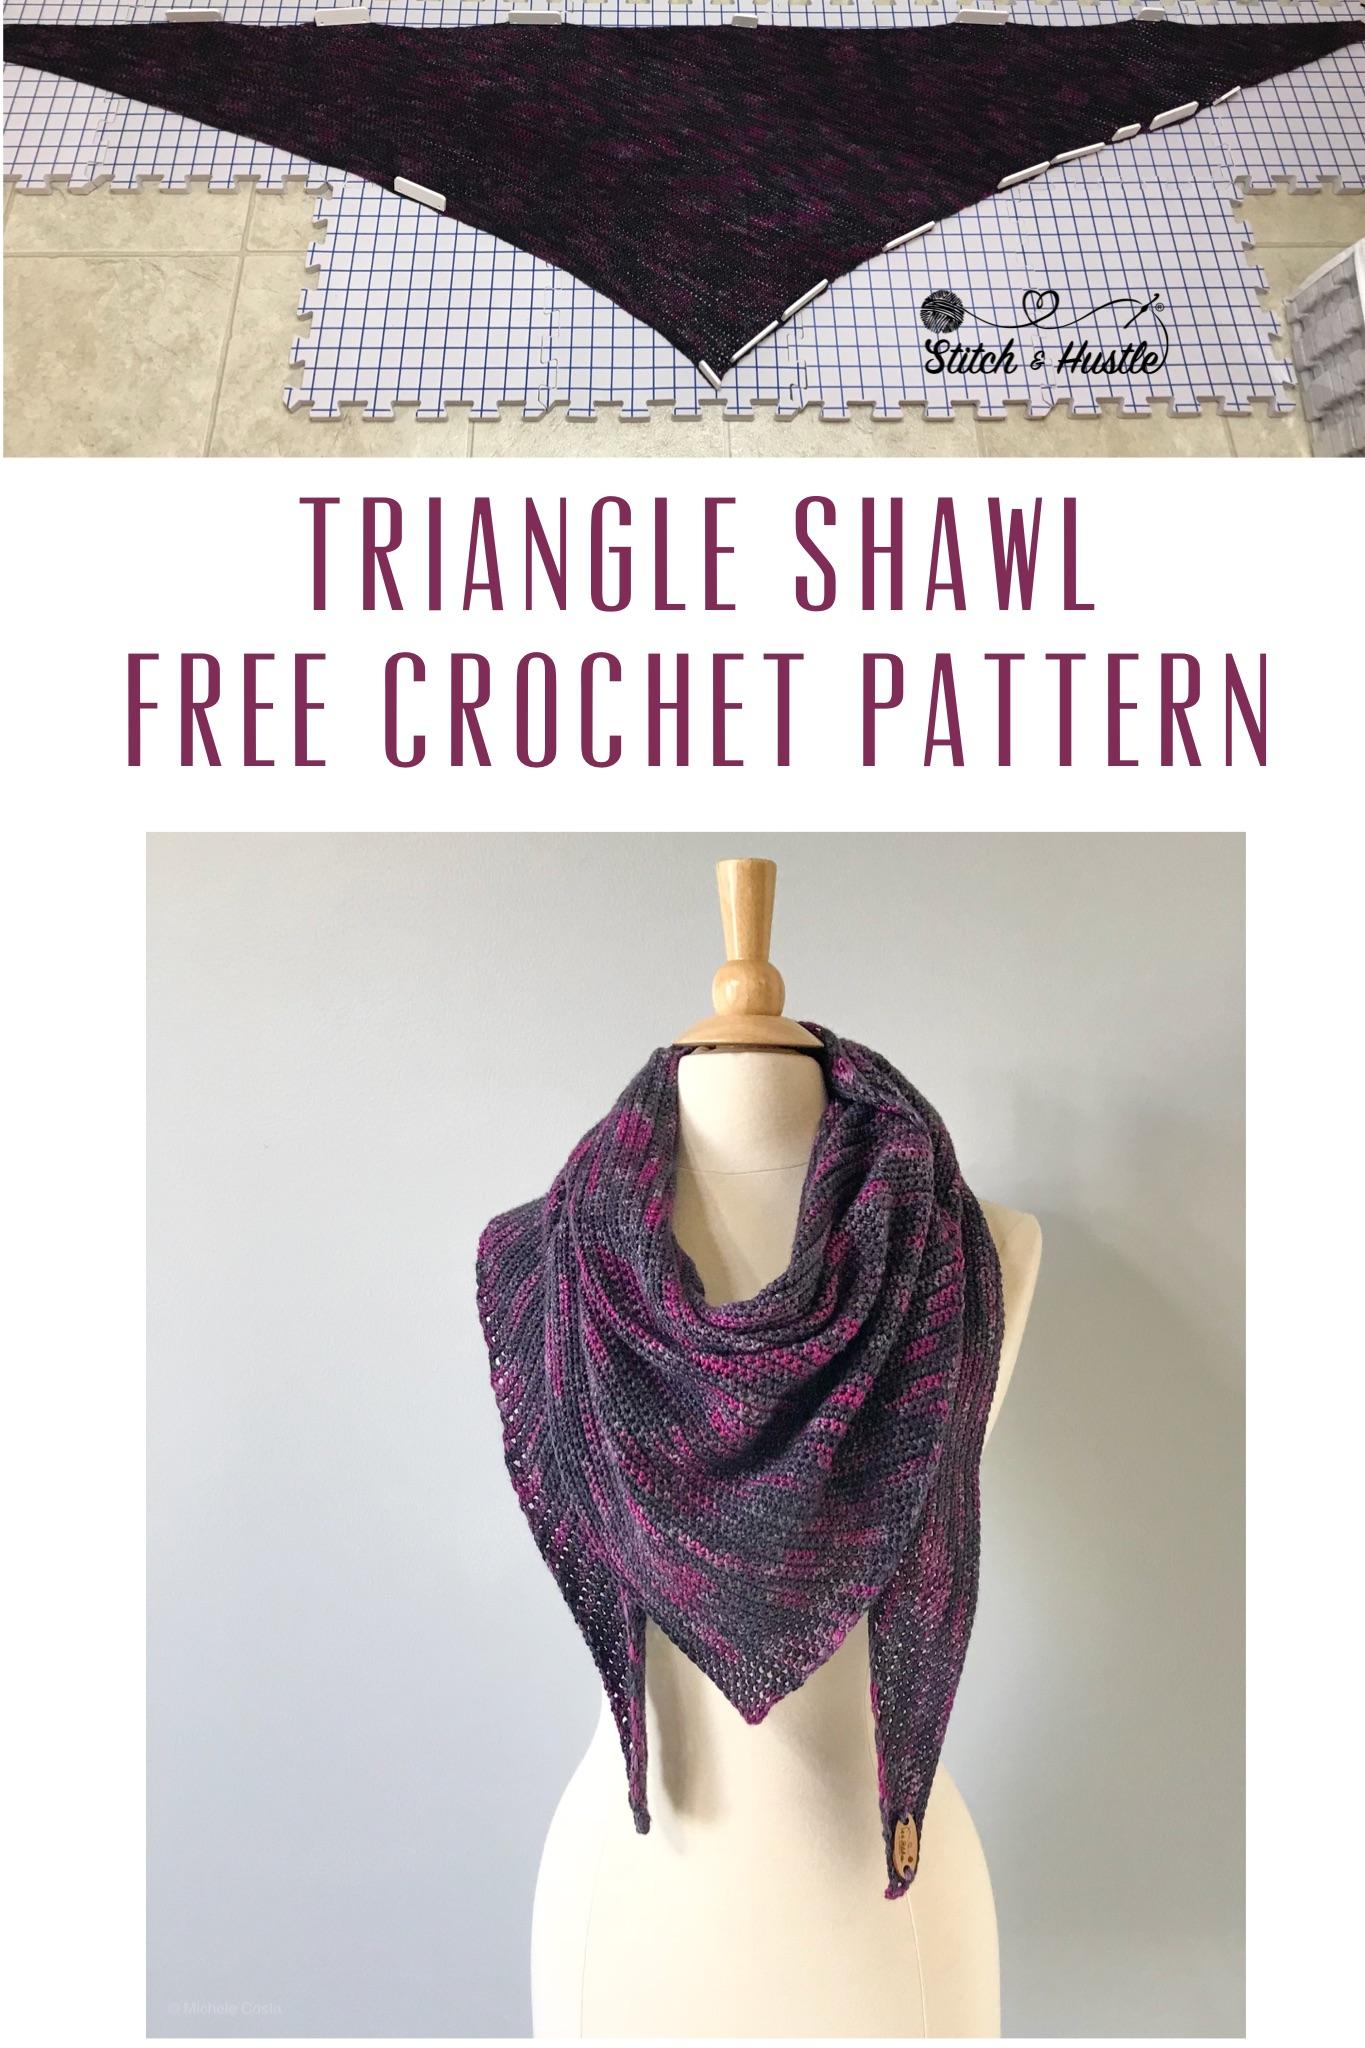 asymmetrical_trinagle_shawl_free-crochet-pattern_6.jpg